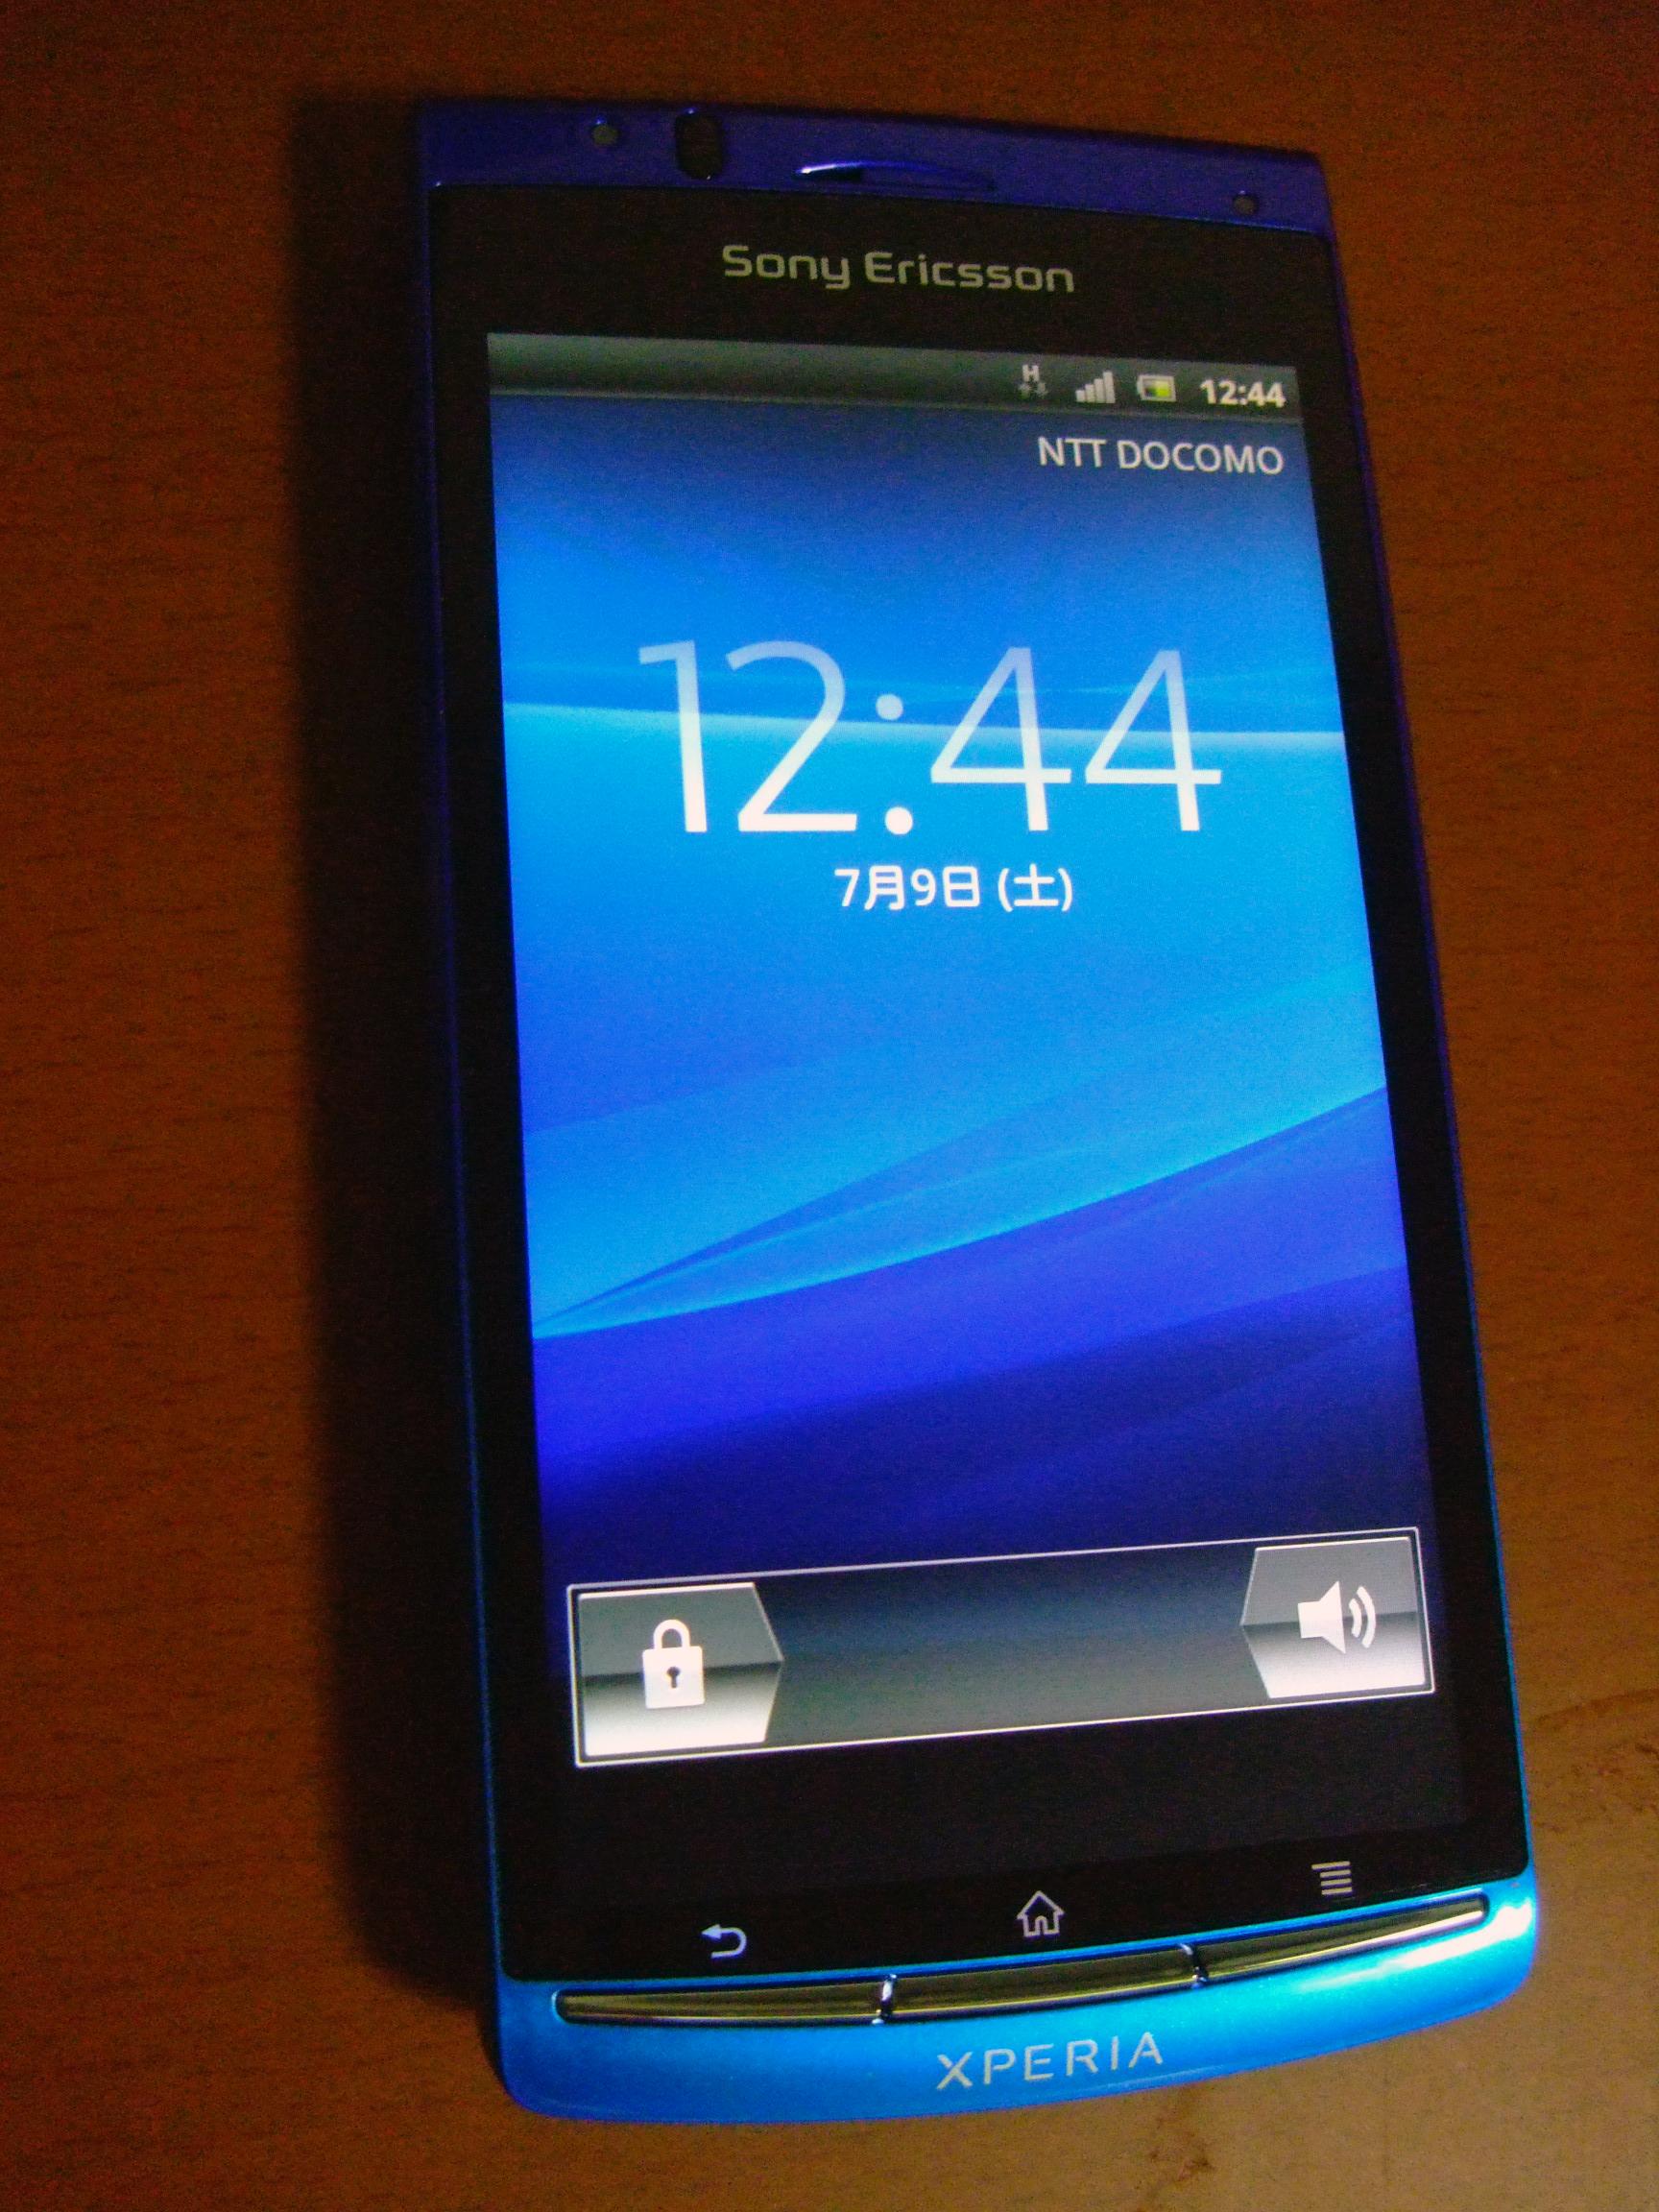 Sony Ericsson Xperia Acro Wikipedia